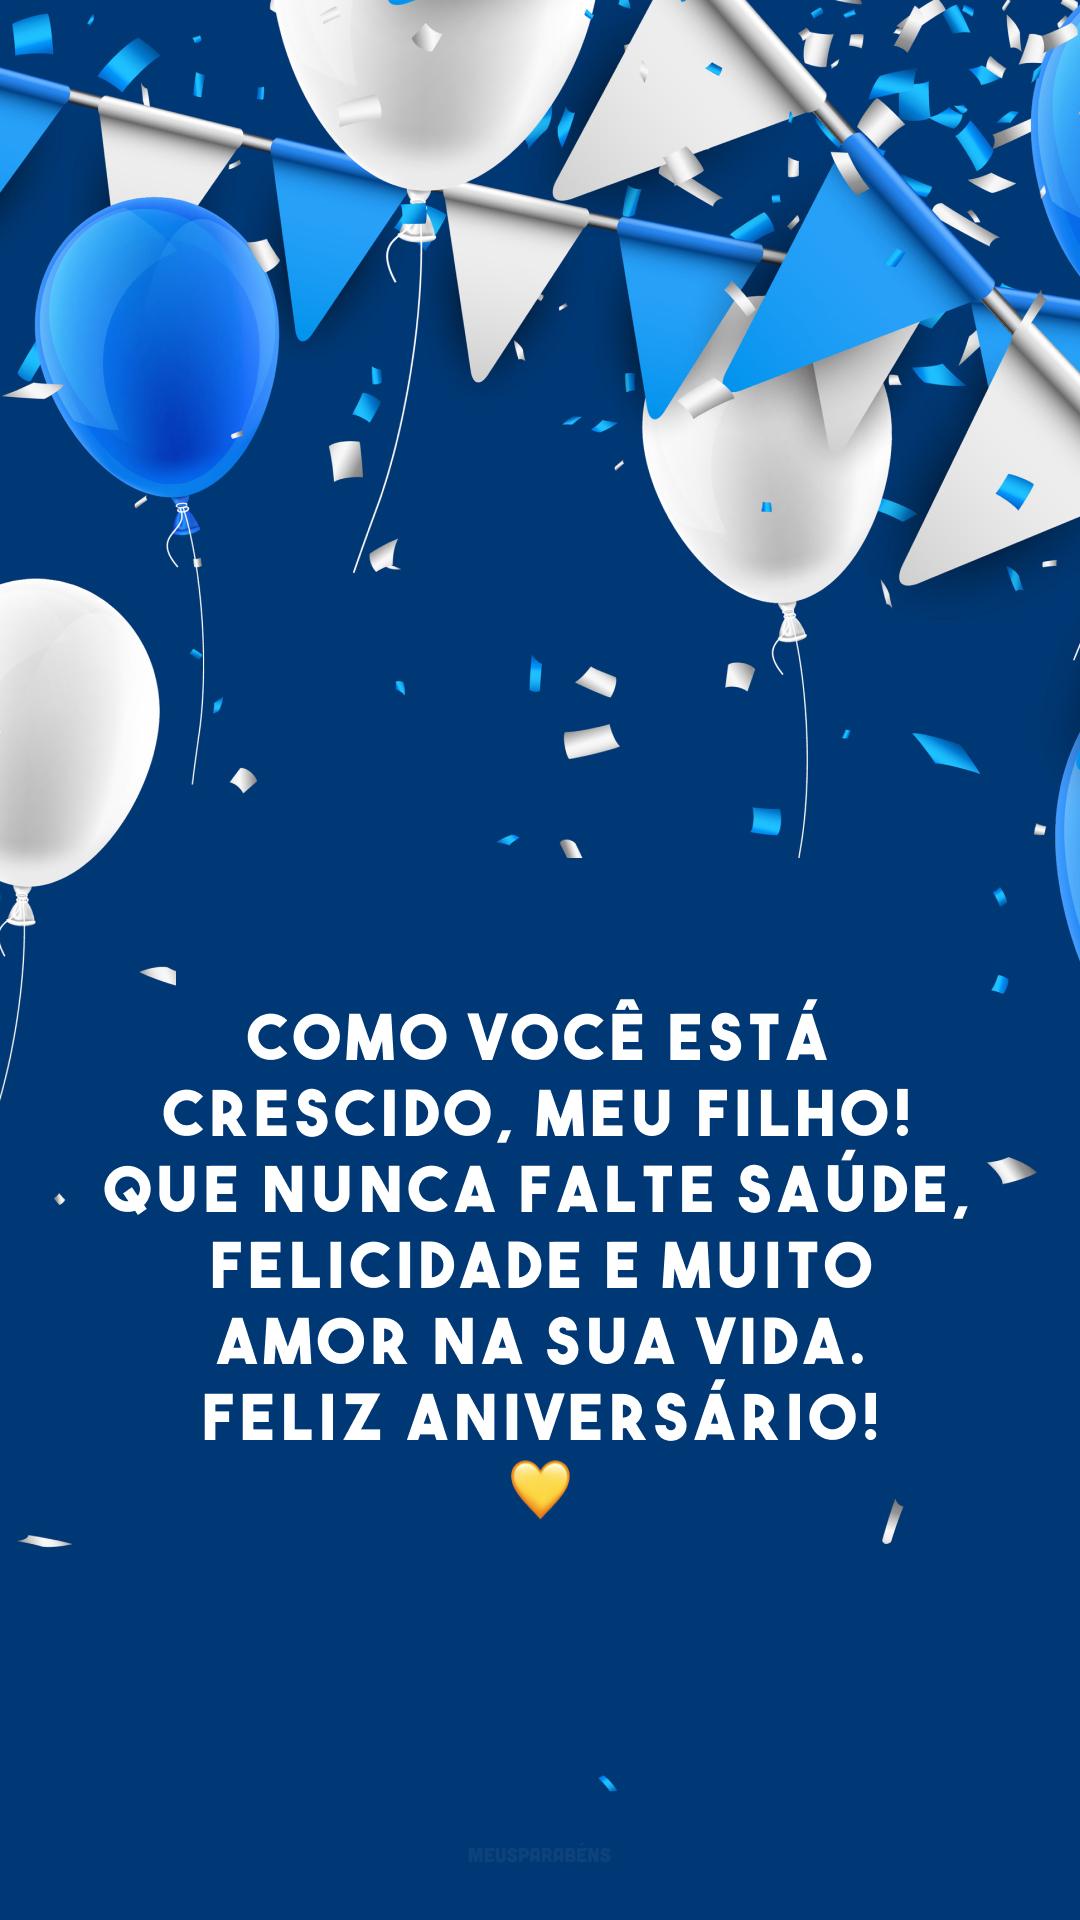 Como você está crescido, meu filho! Que nunca falte saúde, felicidade e muito amor na sua vida. Feliz aniversário! 💛